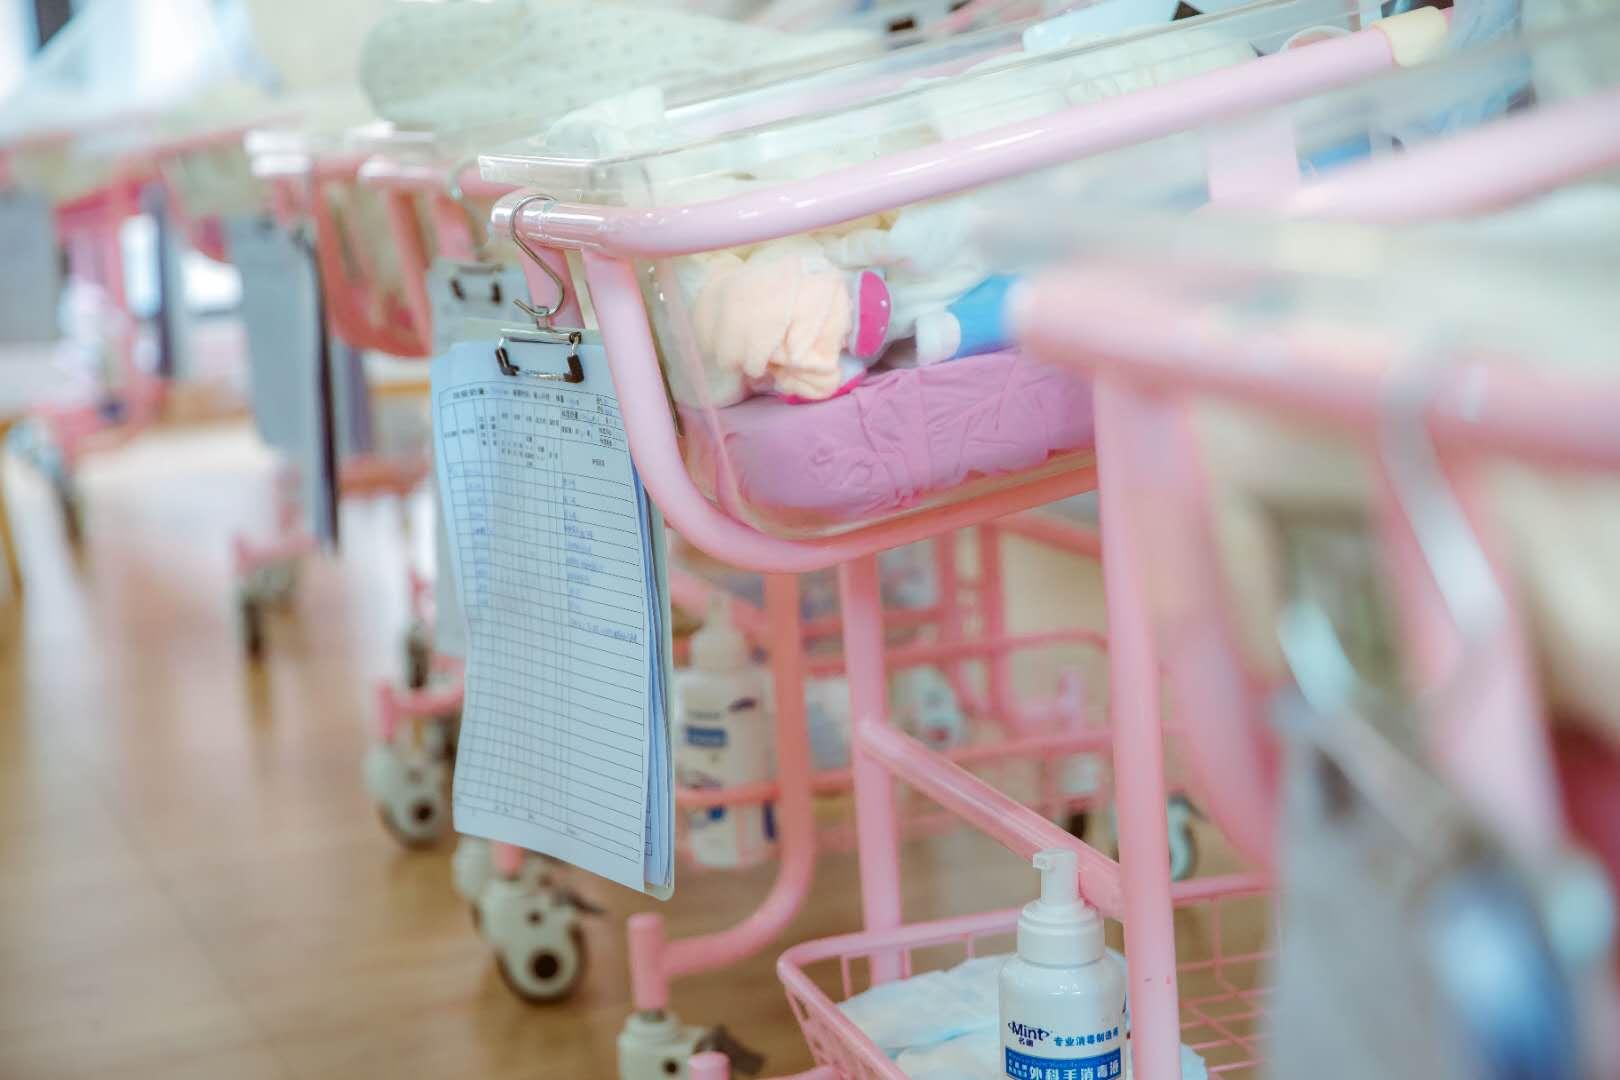 新生宝宝贴心照顾